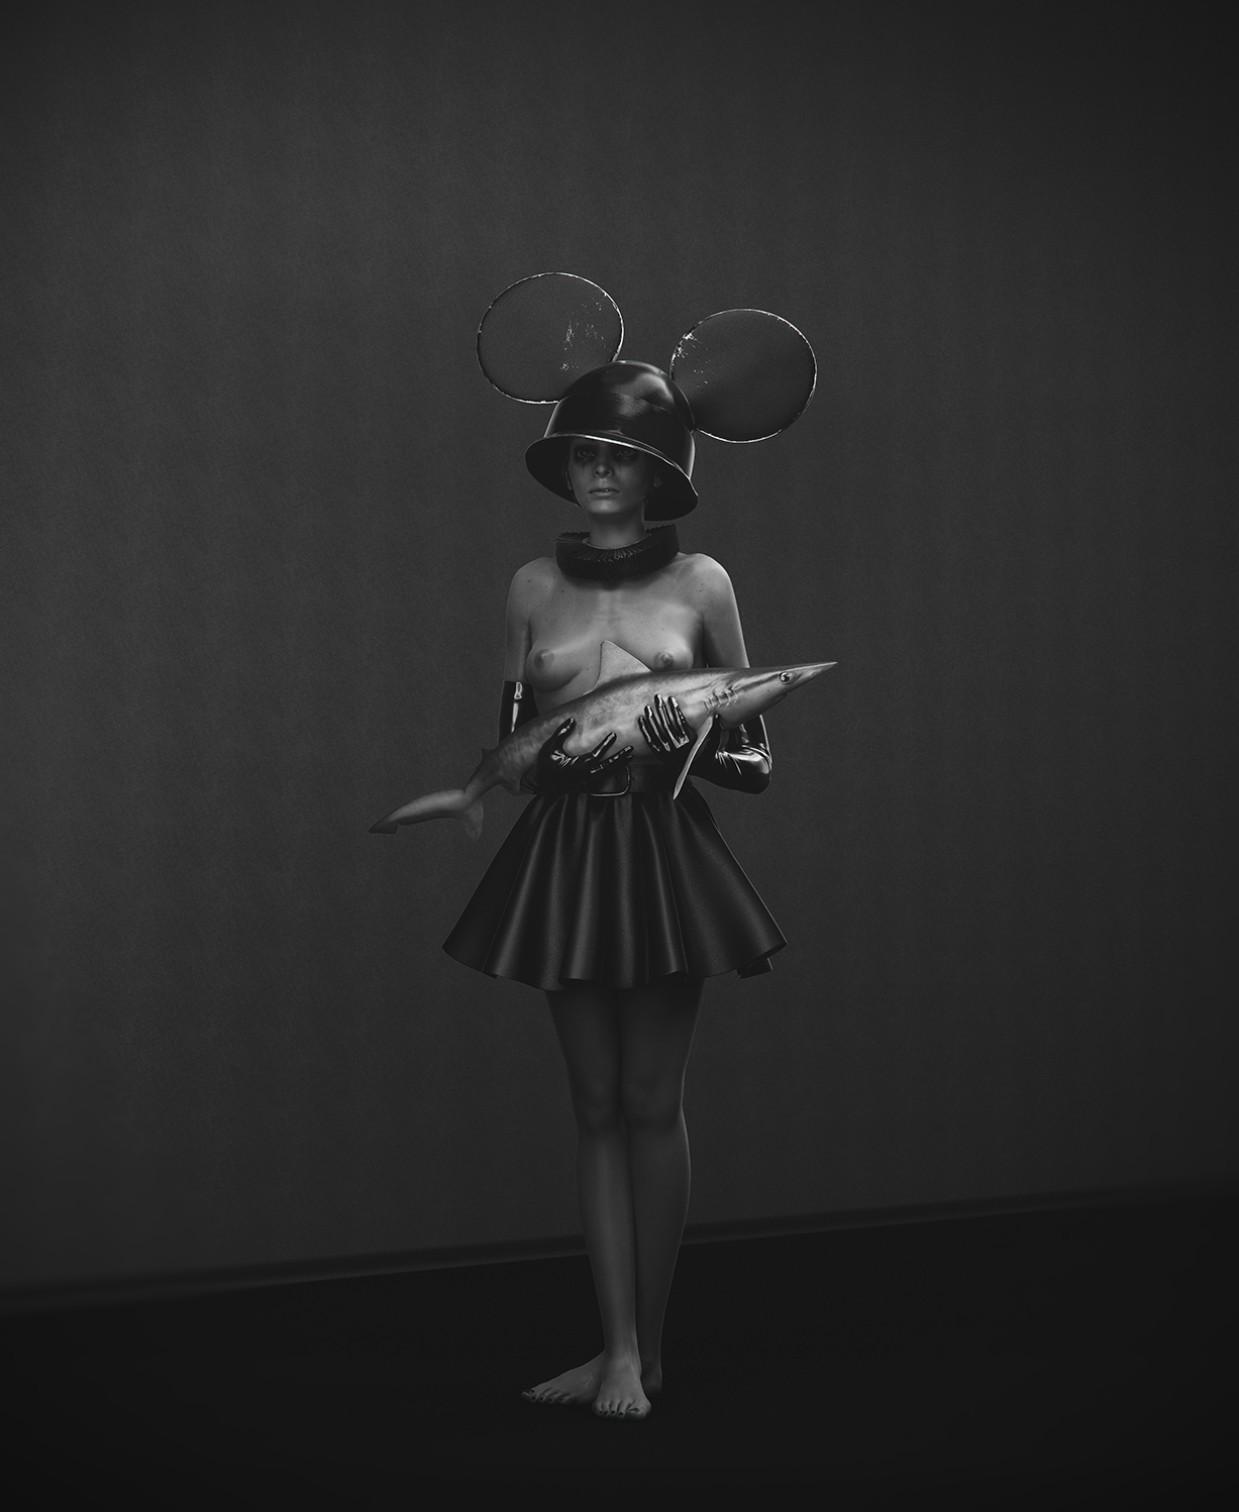 Martin nikolov mouse 02